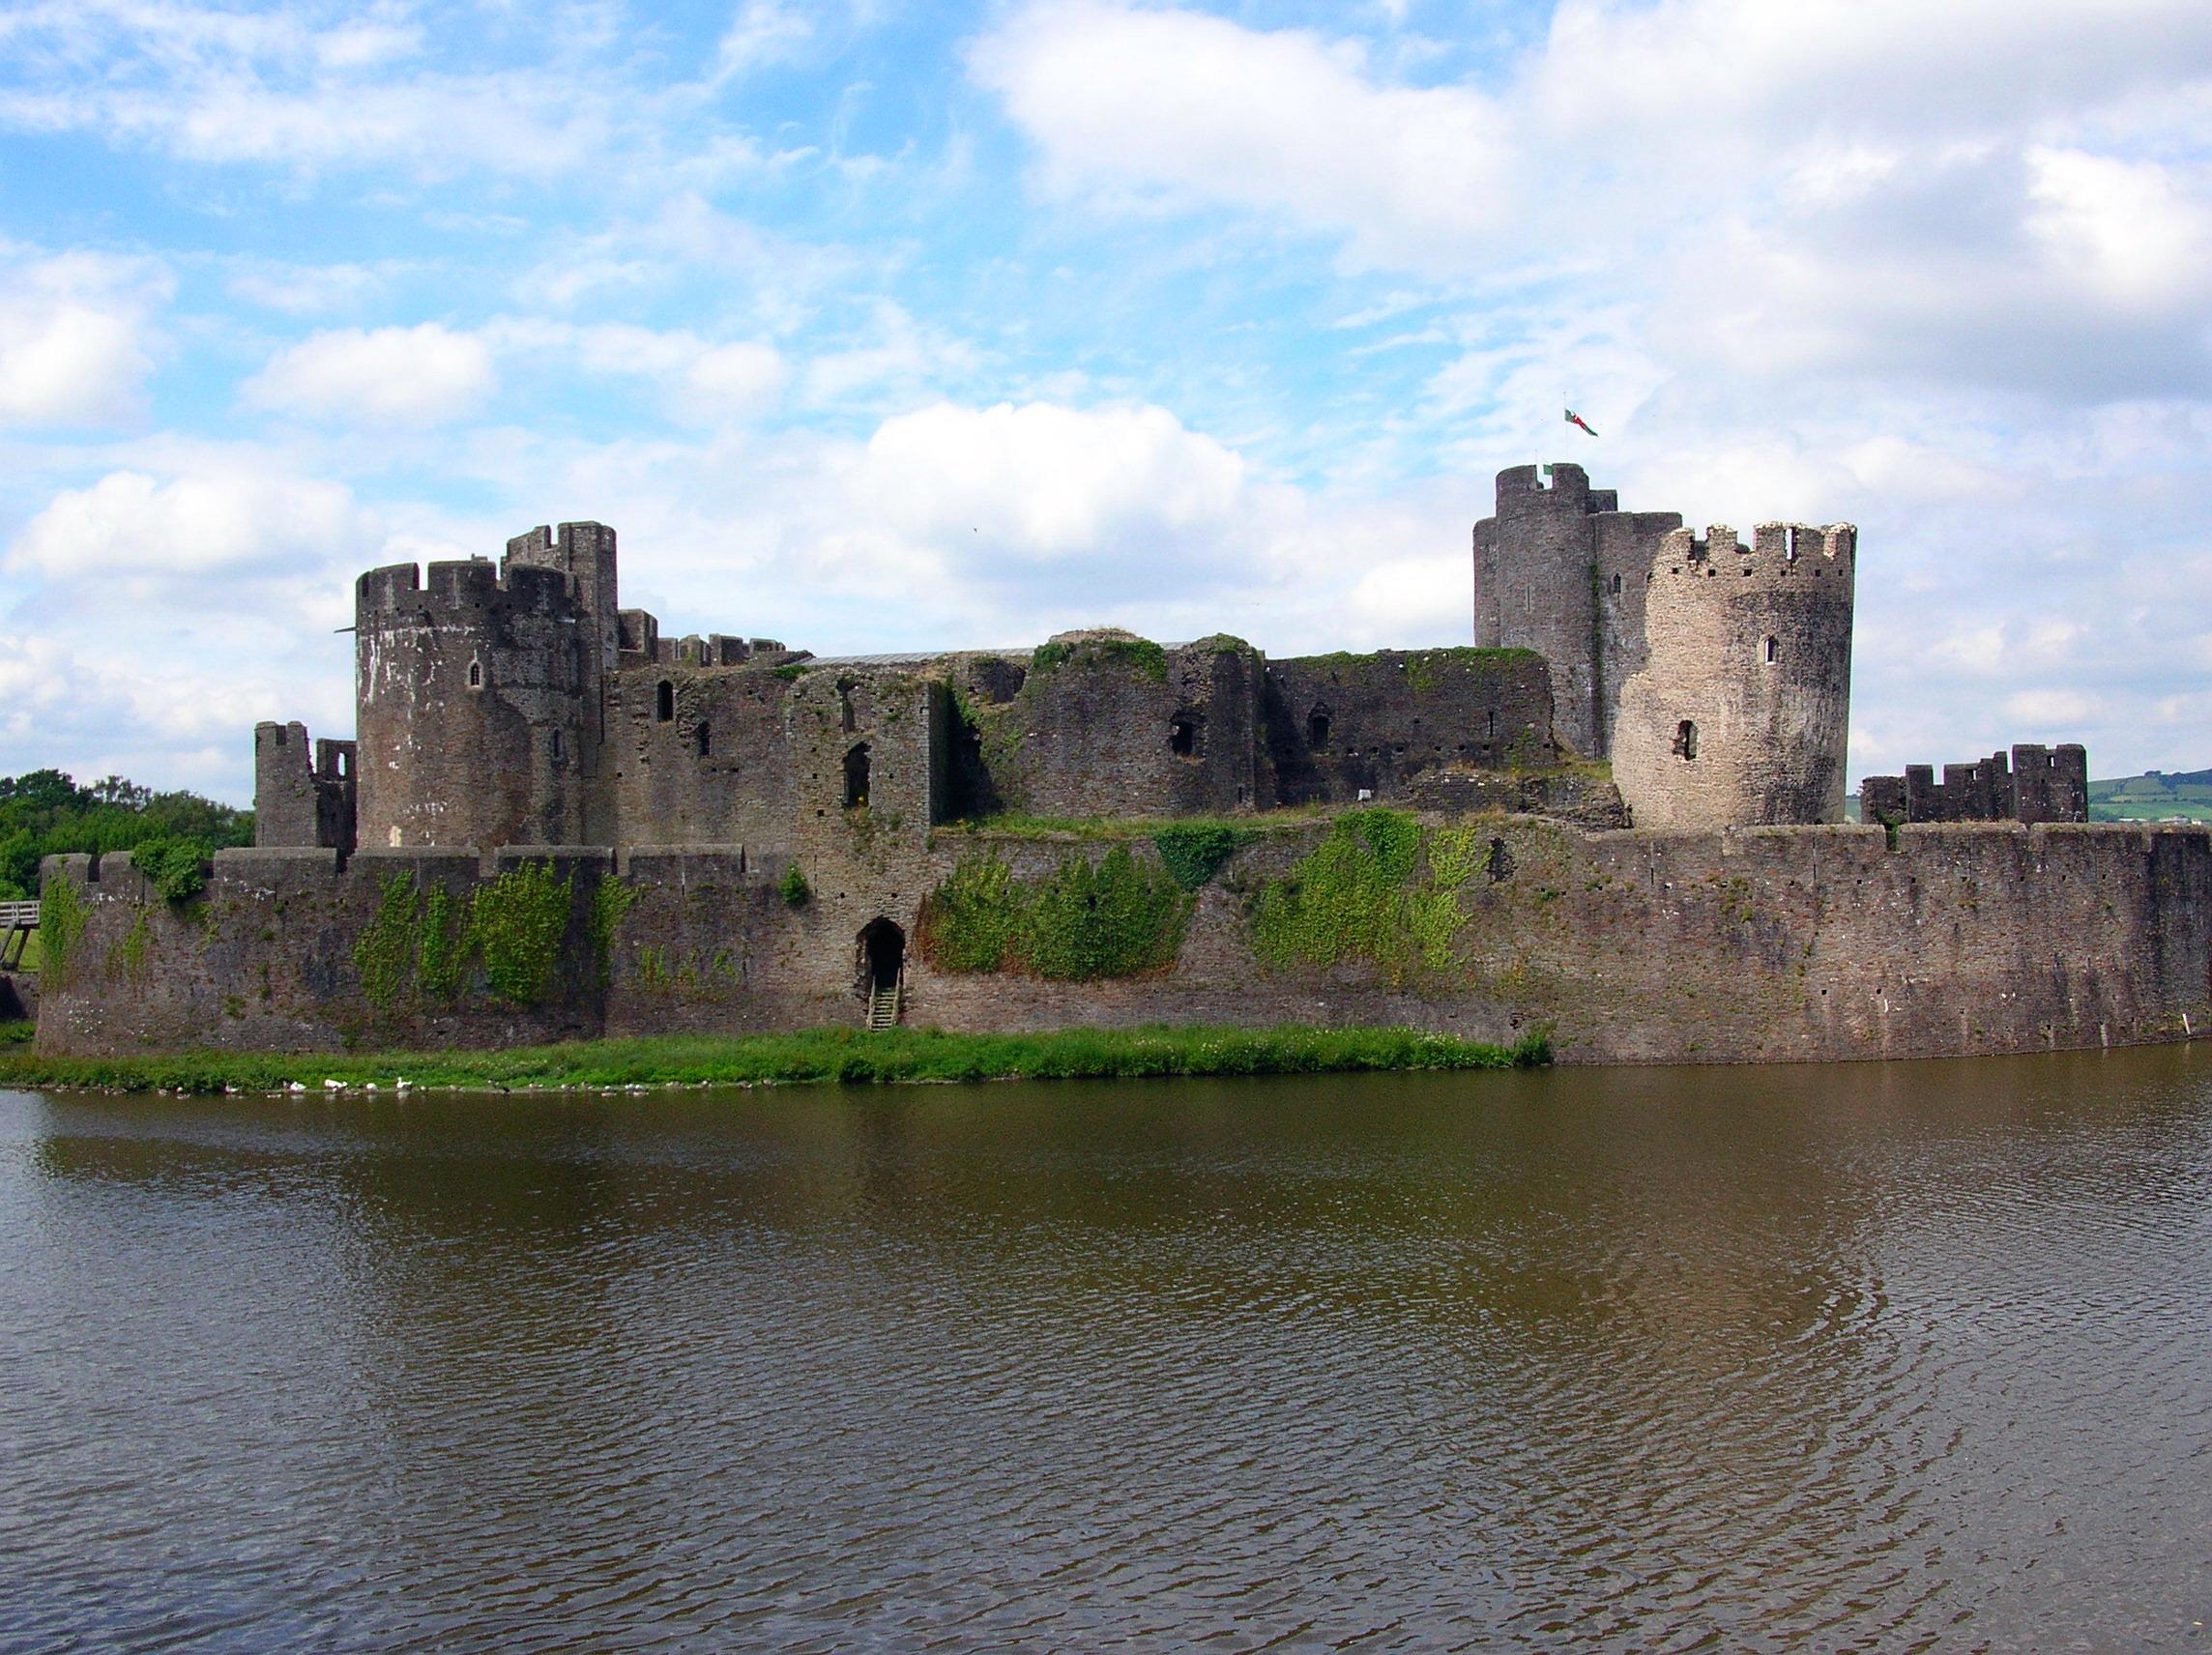 Il castello di Caerphilly (12)